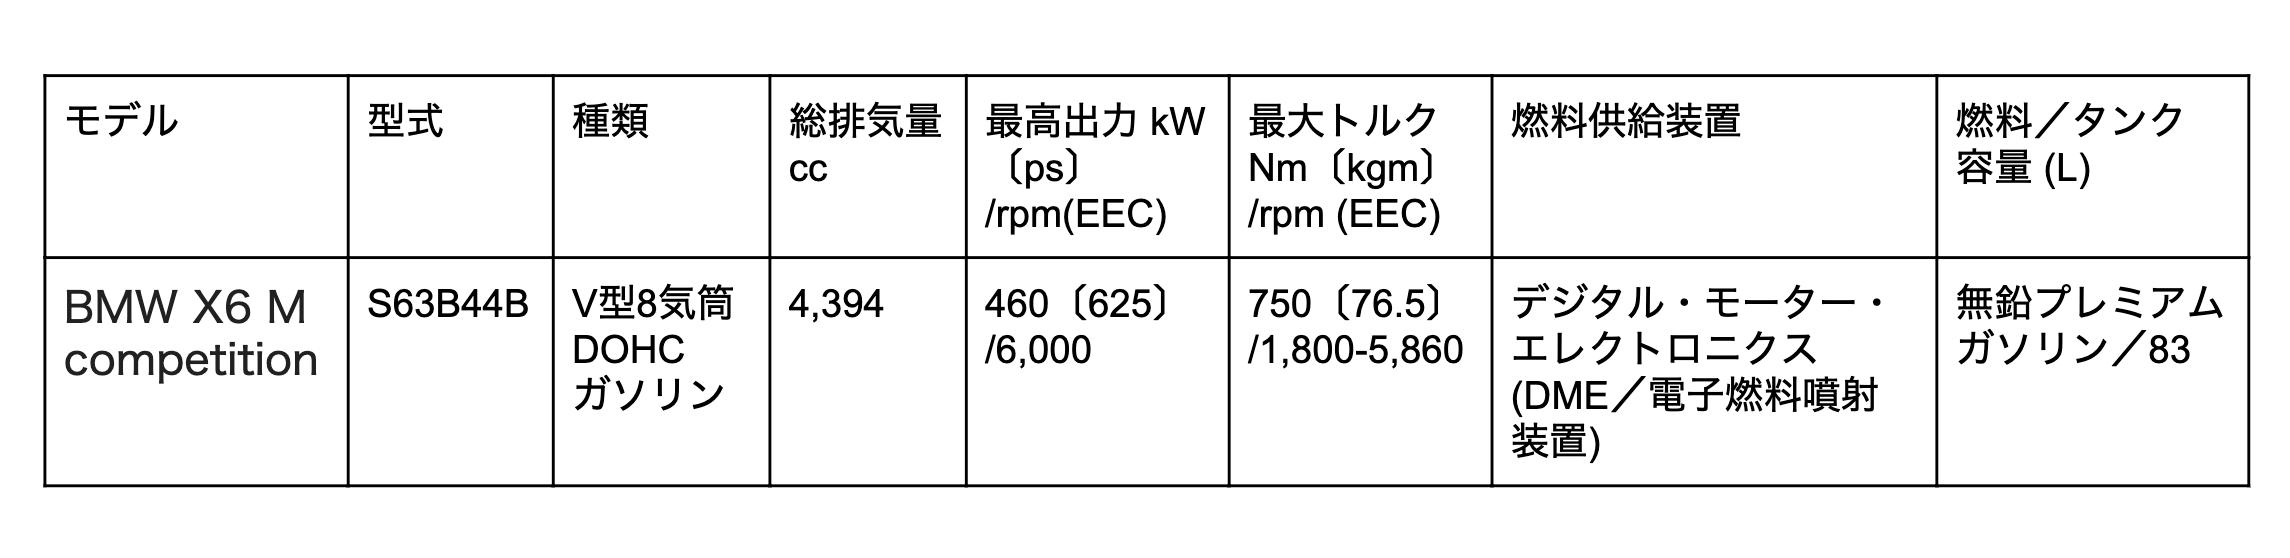 BMW X6 M エンジン